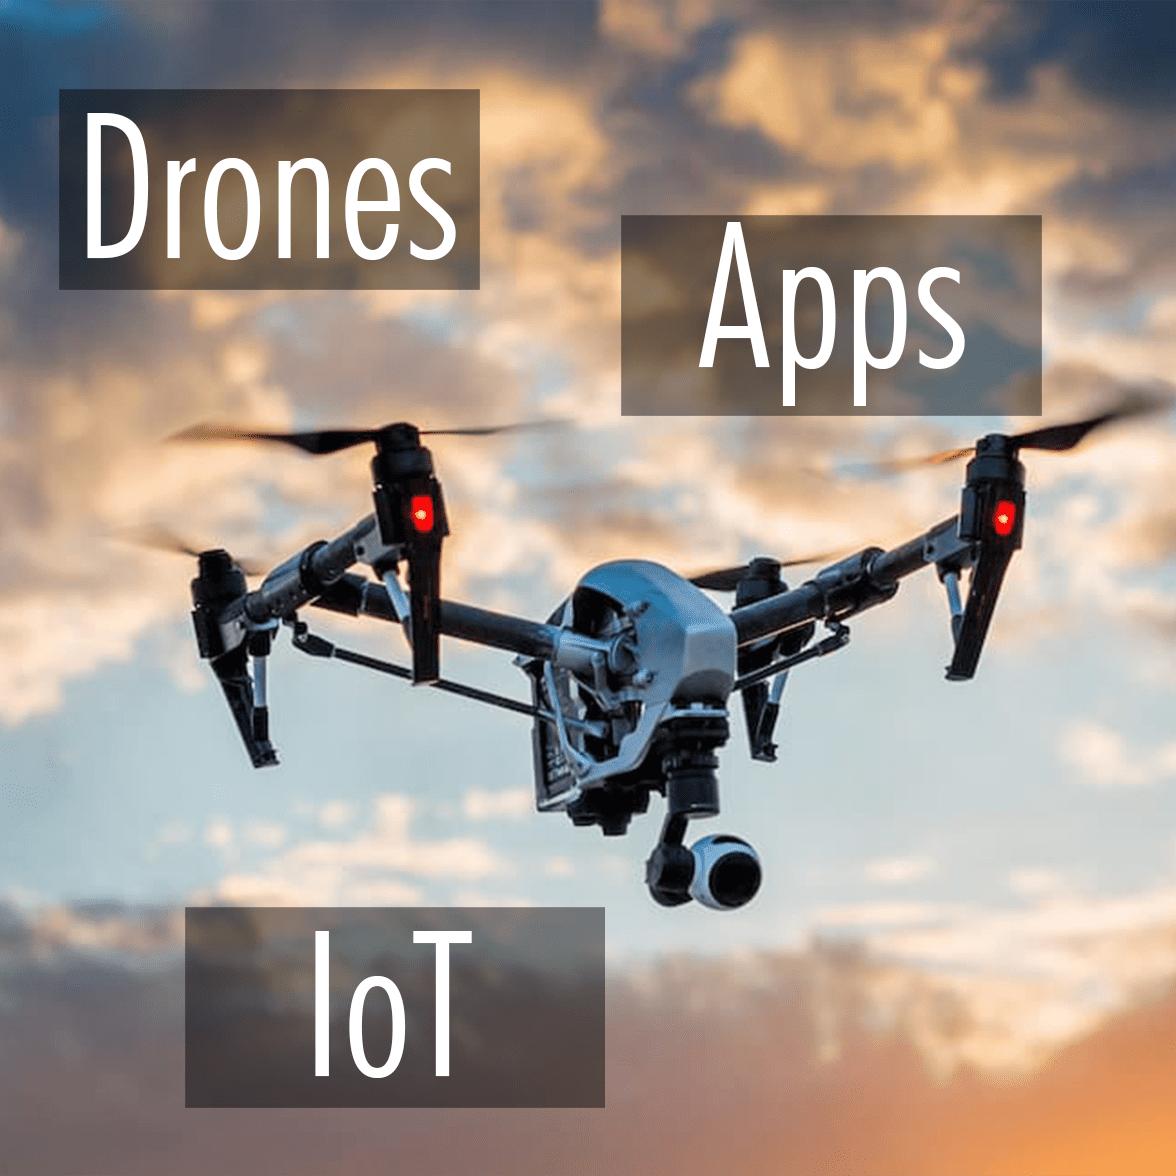 Drones - Apps - Internet de las cosas Portada Drones Apps IoT